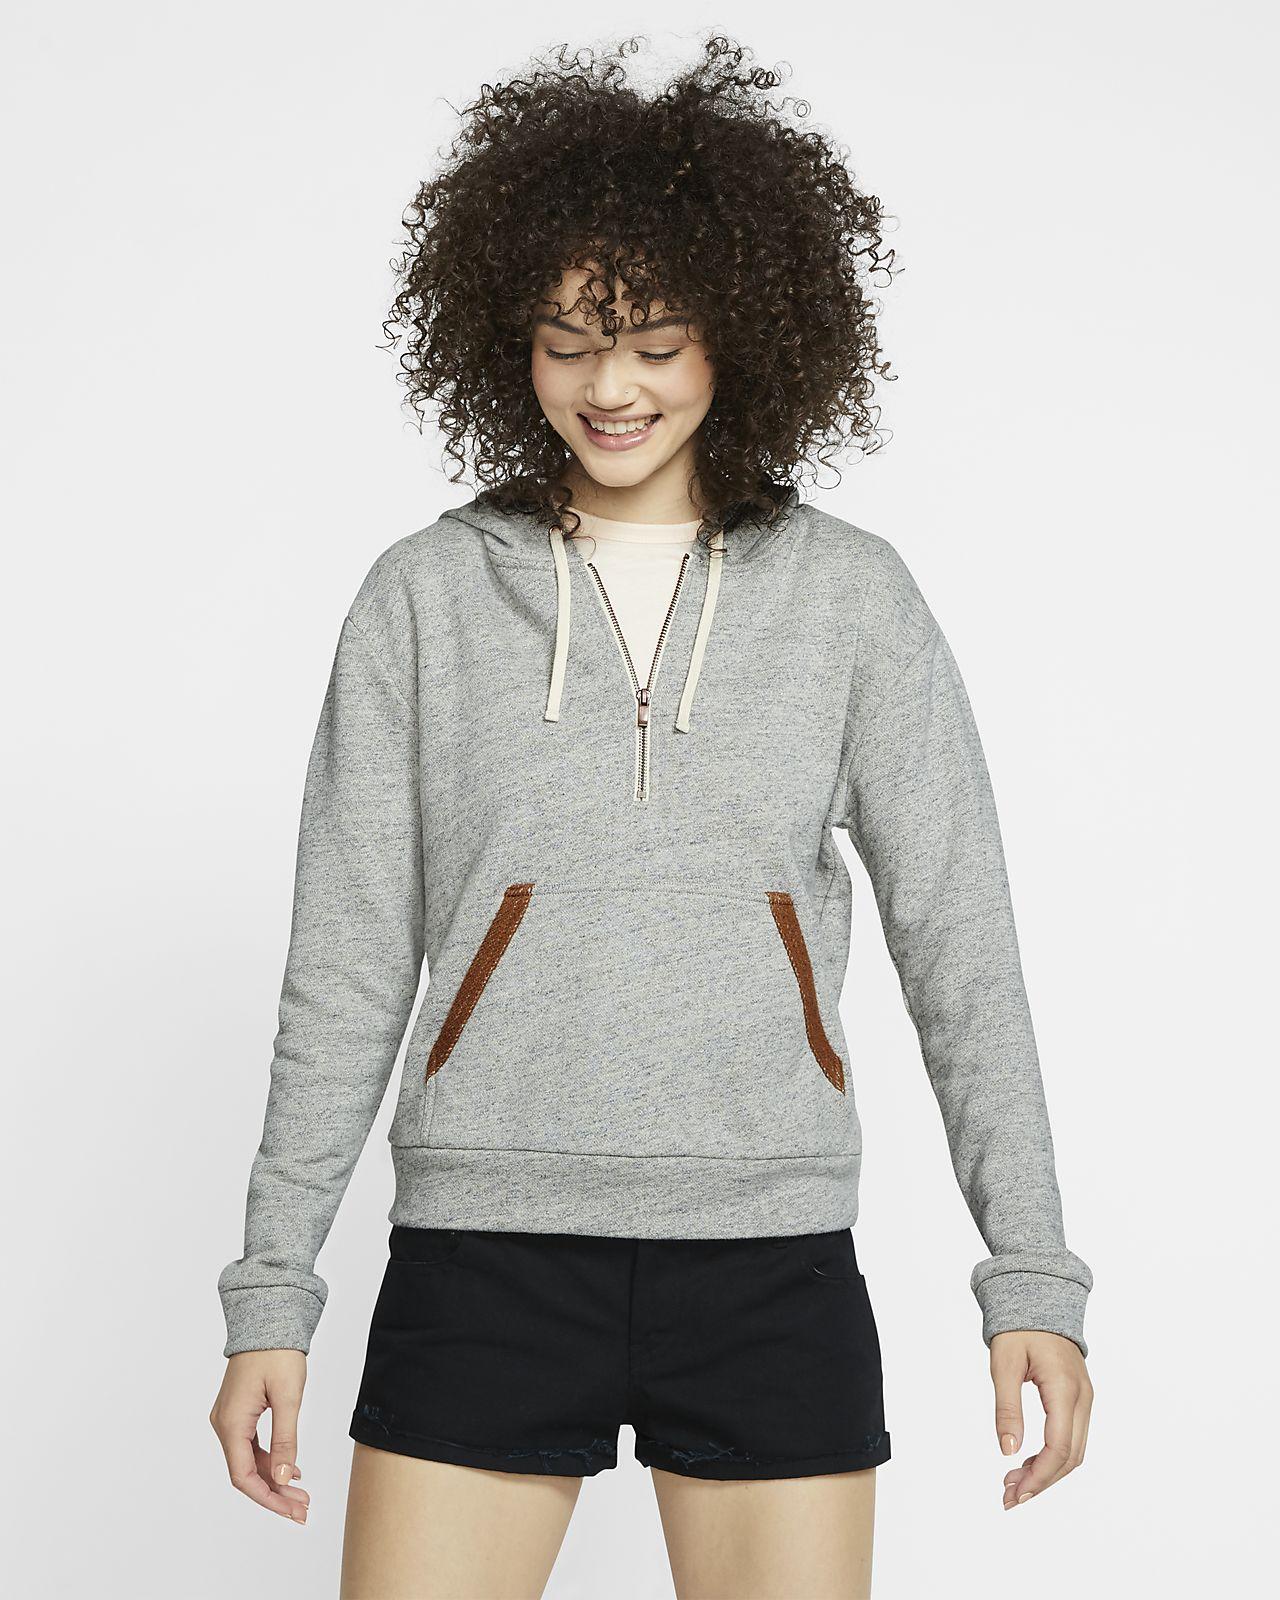 Женская флисовая футболка с молнией на половину длины Hurley Two Faced